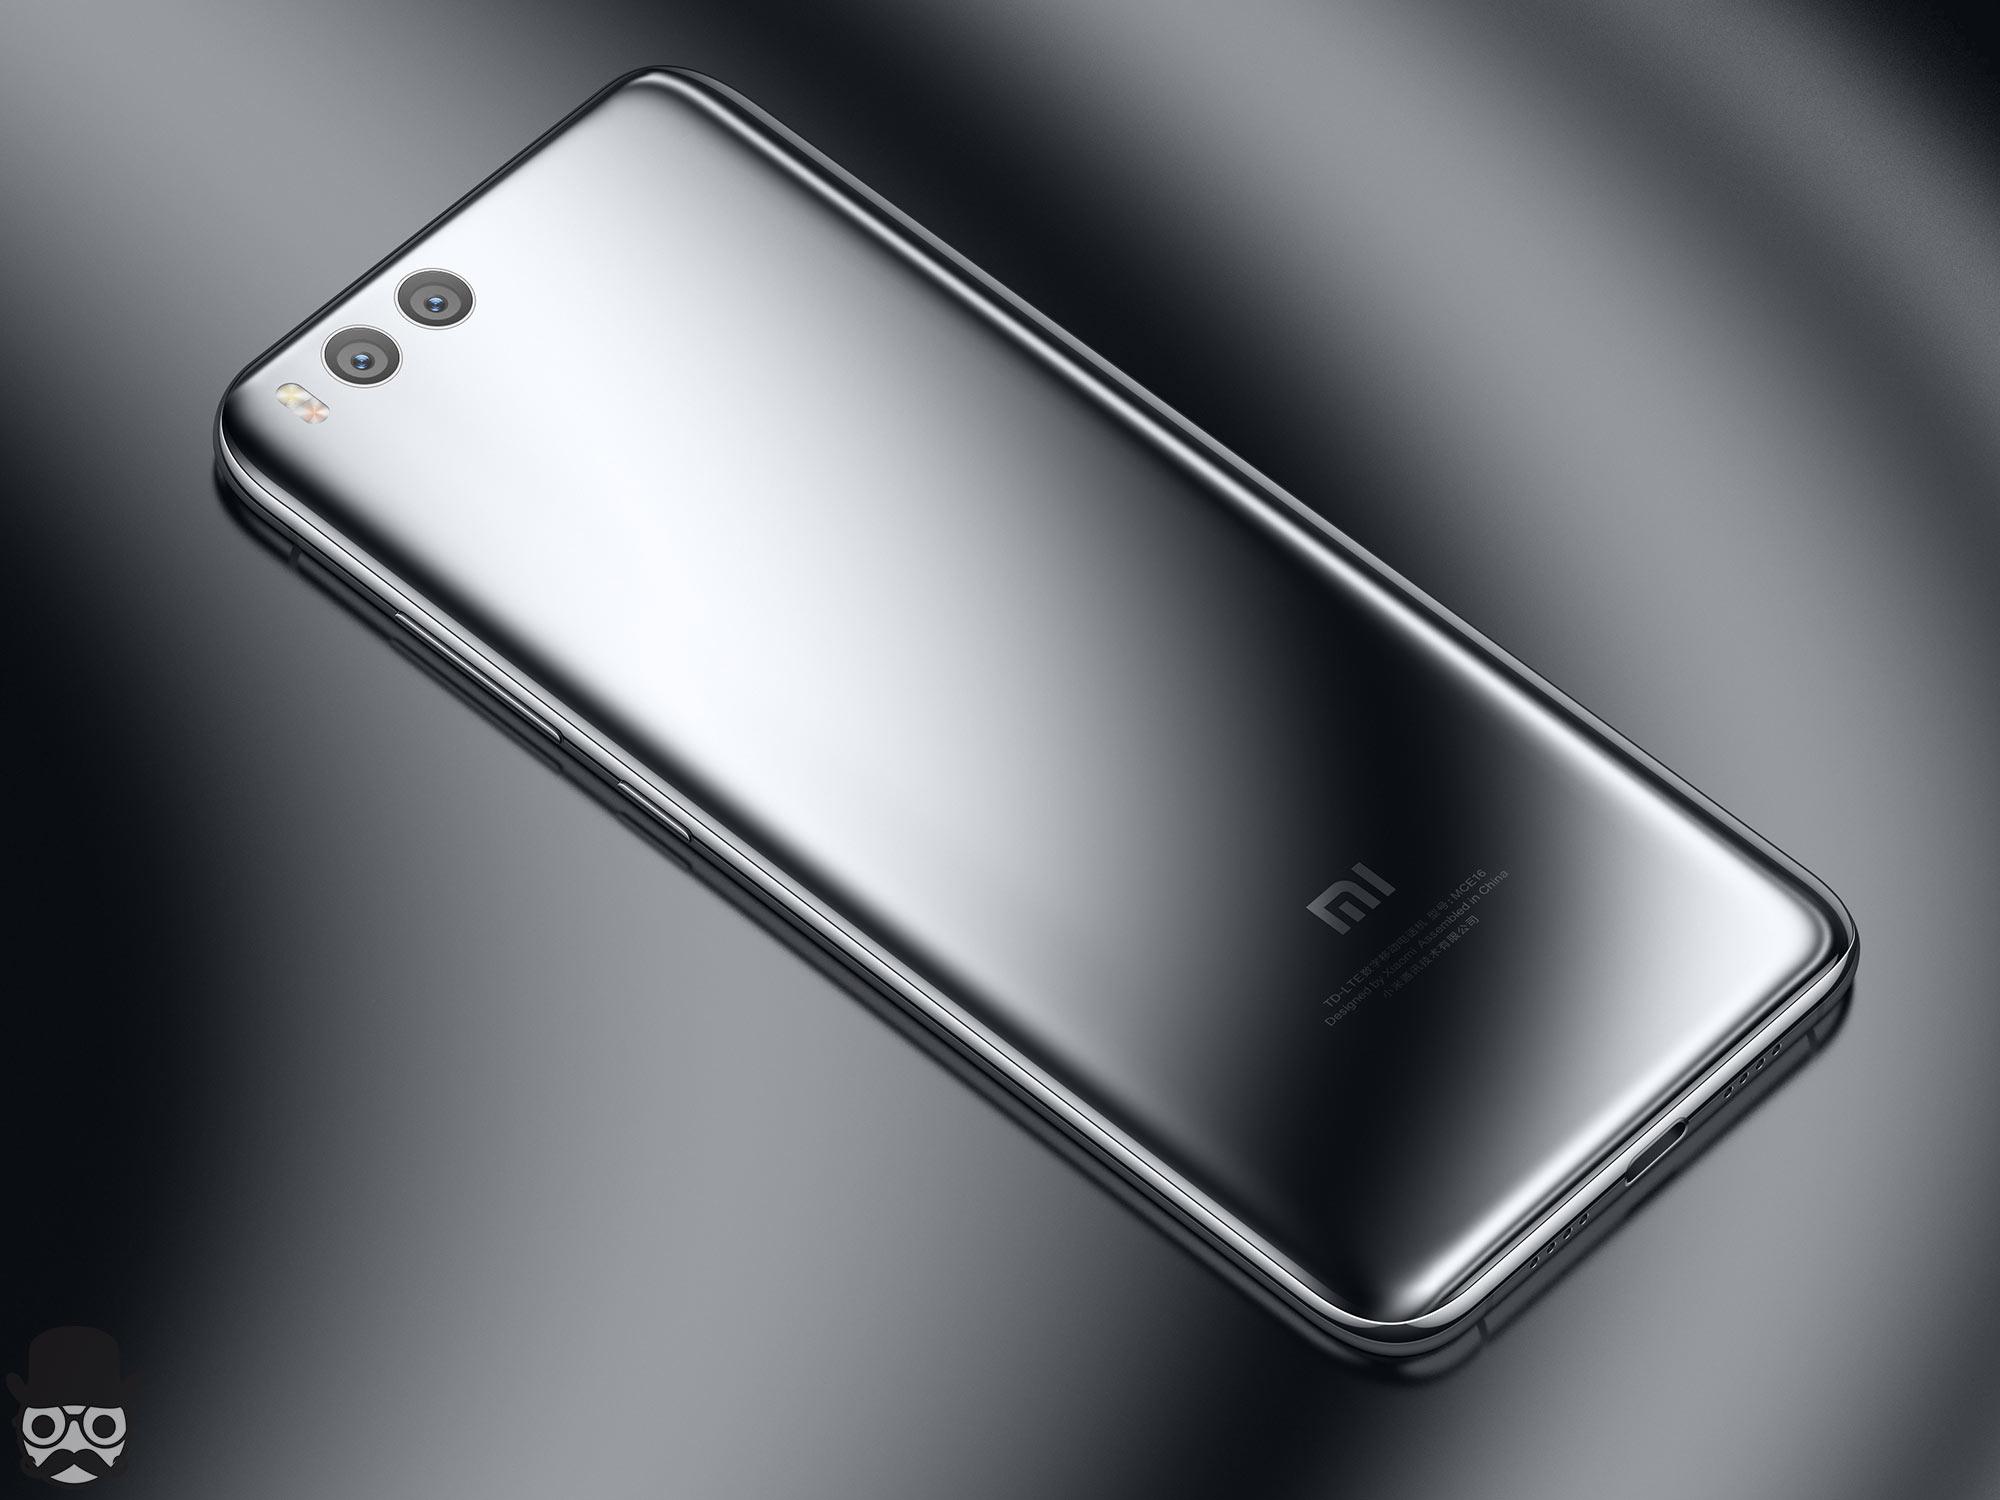 Xiaomi Mi6 a fost lansat oficial! Telefonul este superb! 146